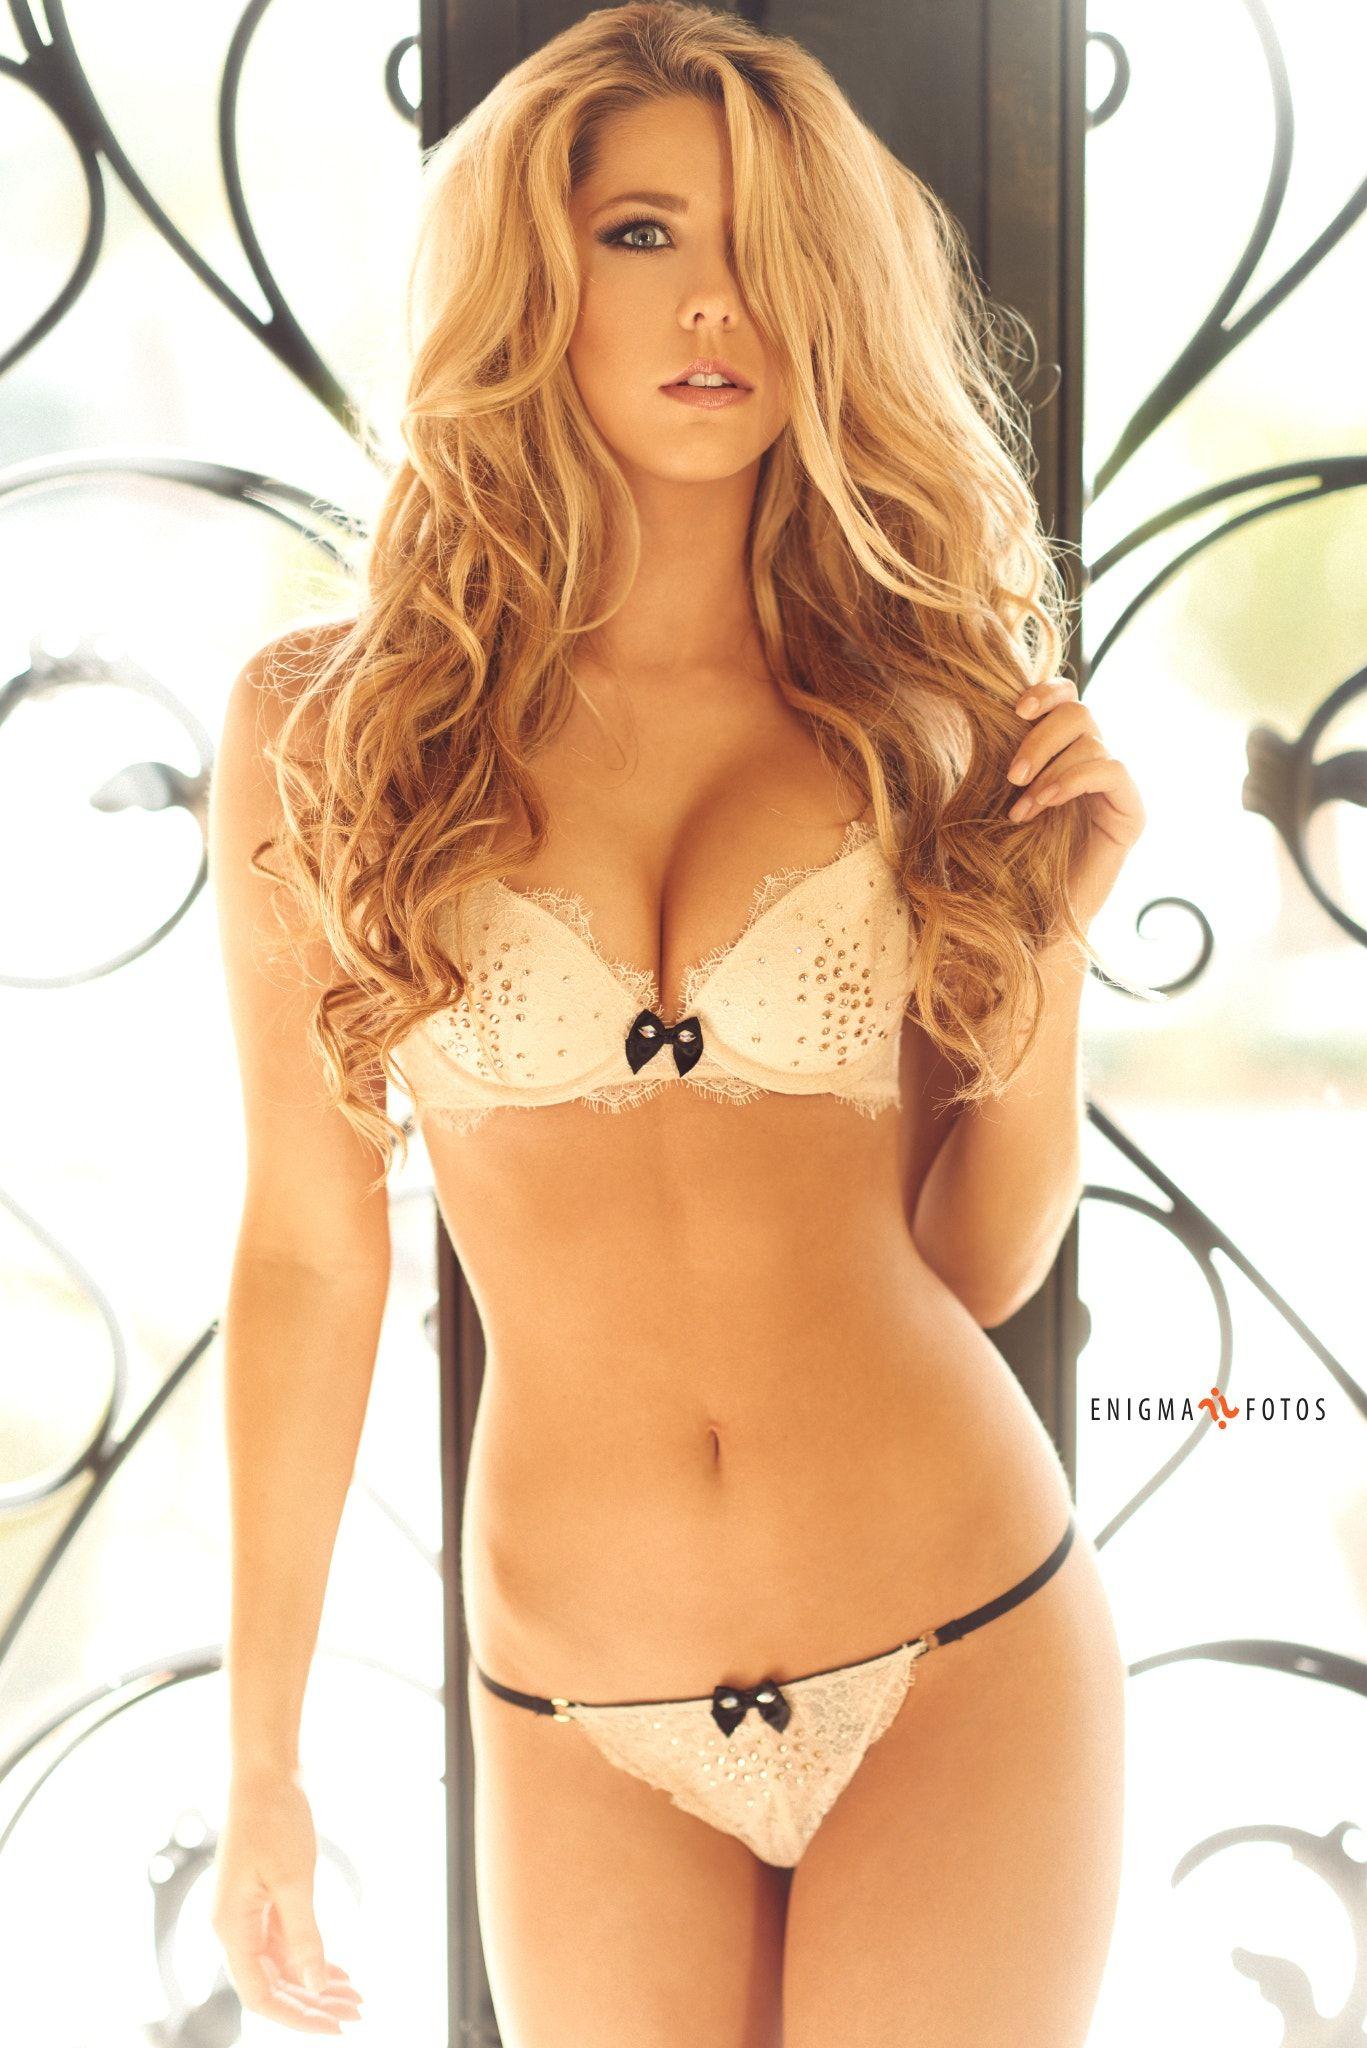 Cleavage Hollie Hoosline nude (49 photo), Bikini